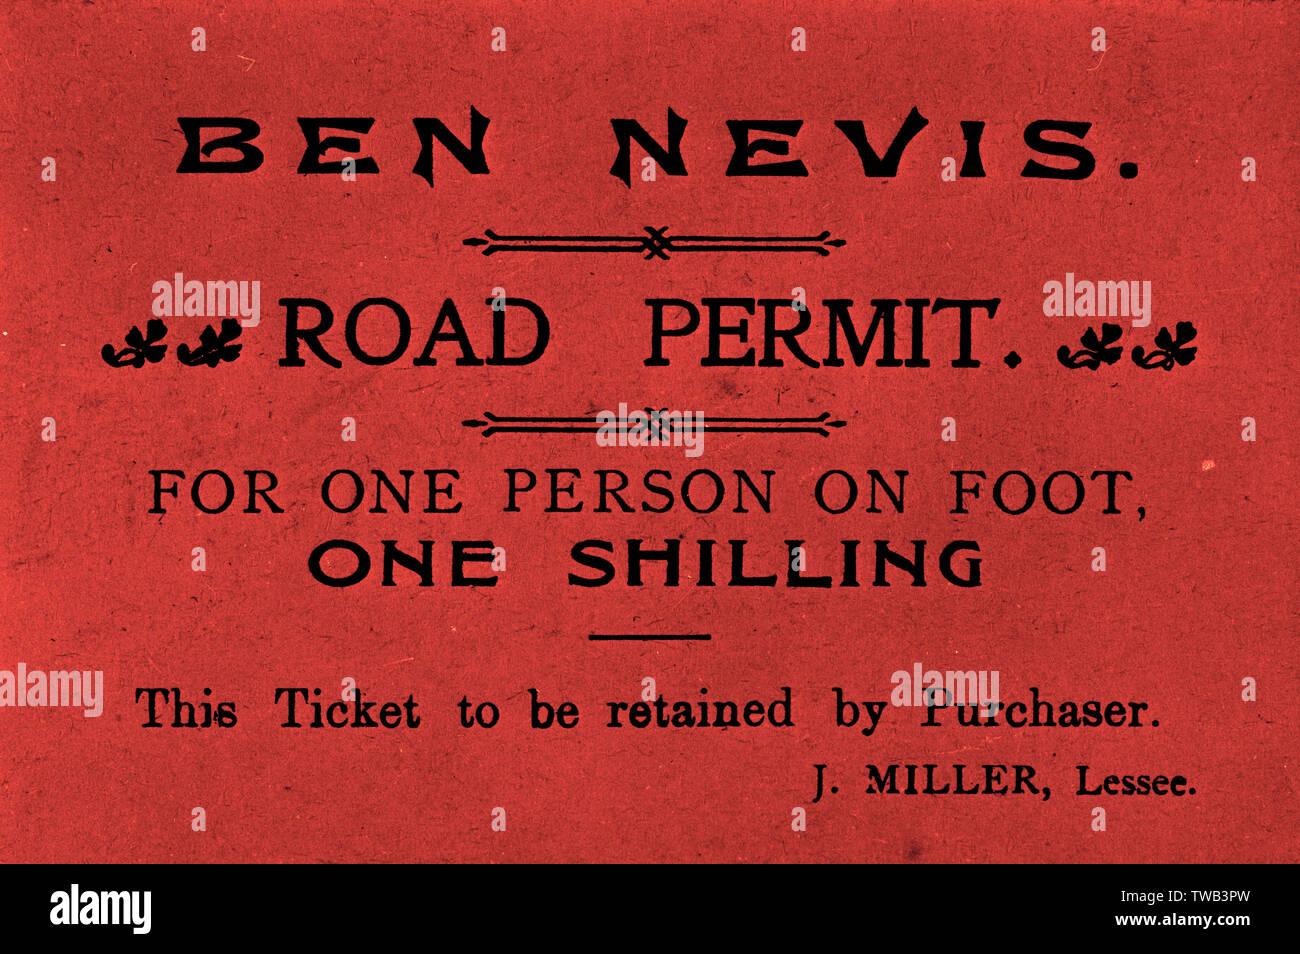 Ticket, Ben Nevis road permit, Lochaber, Scotland - for one